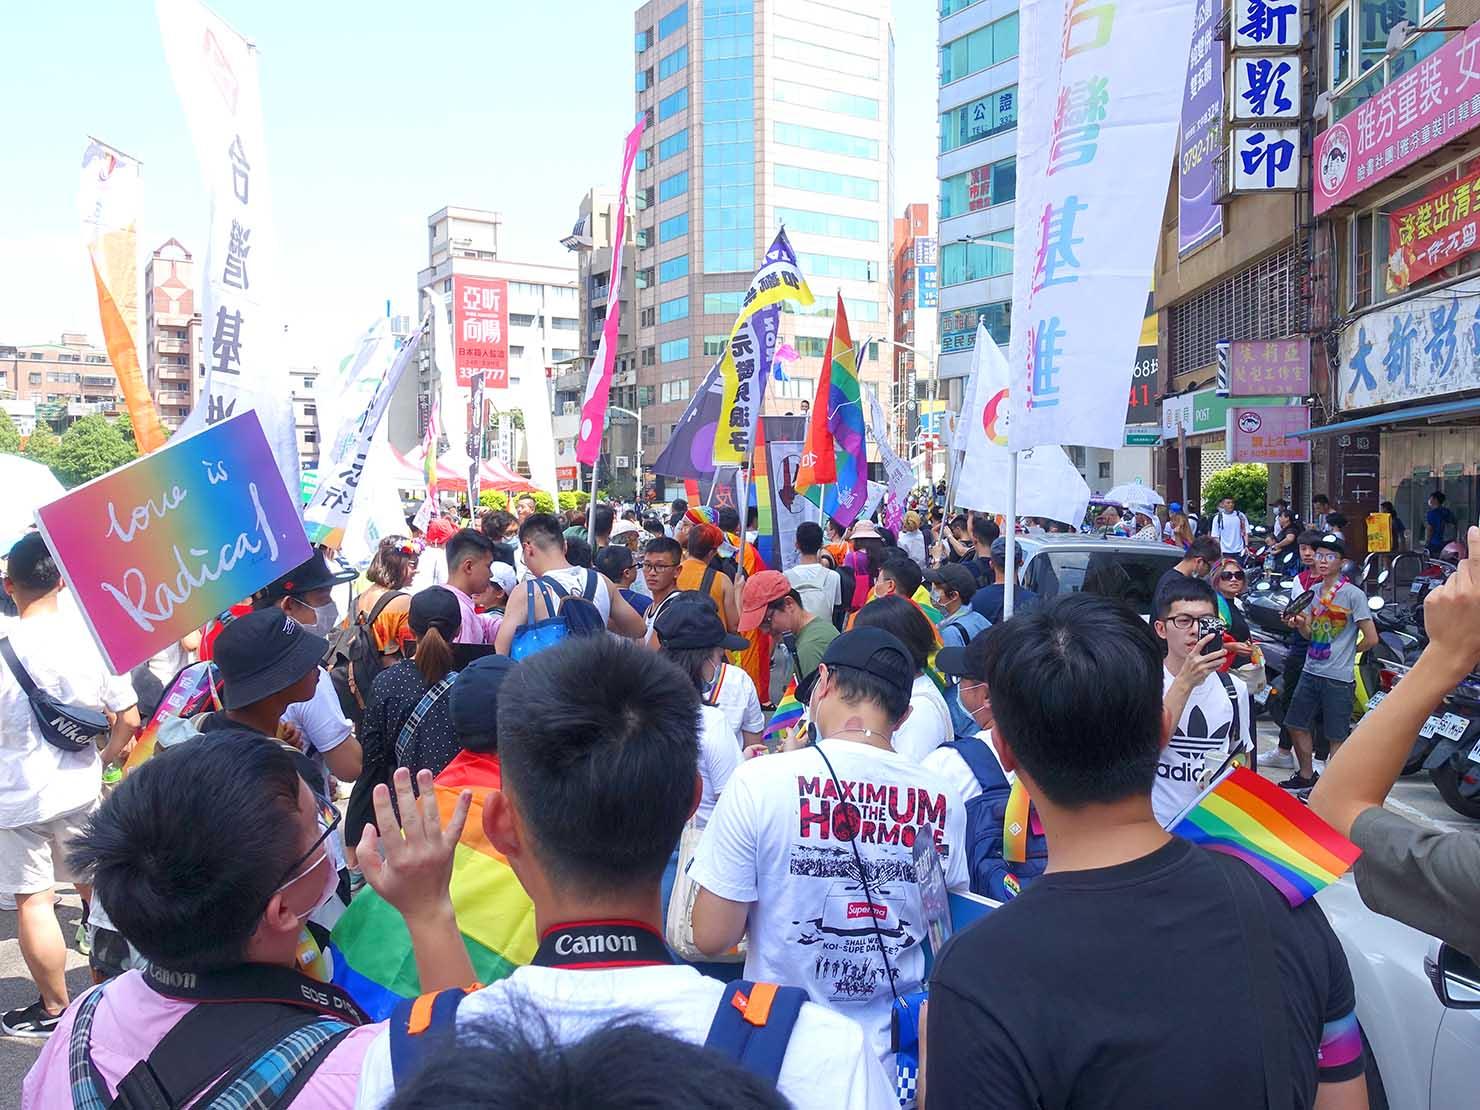 台湾・桃園のLGBTプライド「桃園彩虹野餐日」2020でパレードを歩き始める参加者たち